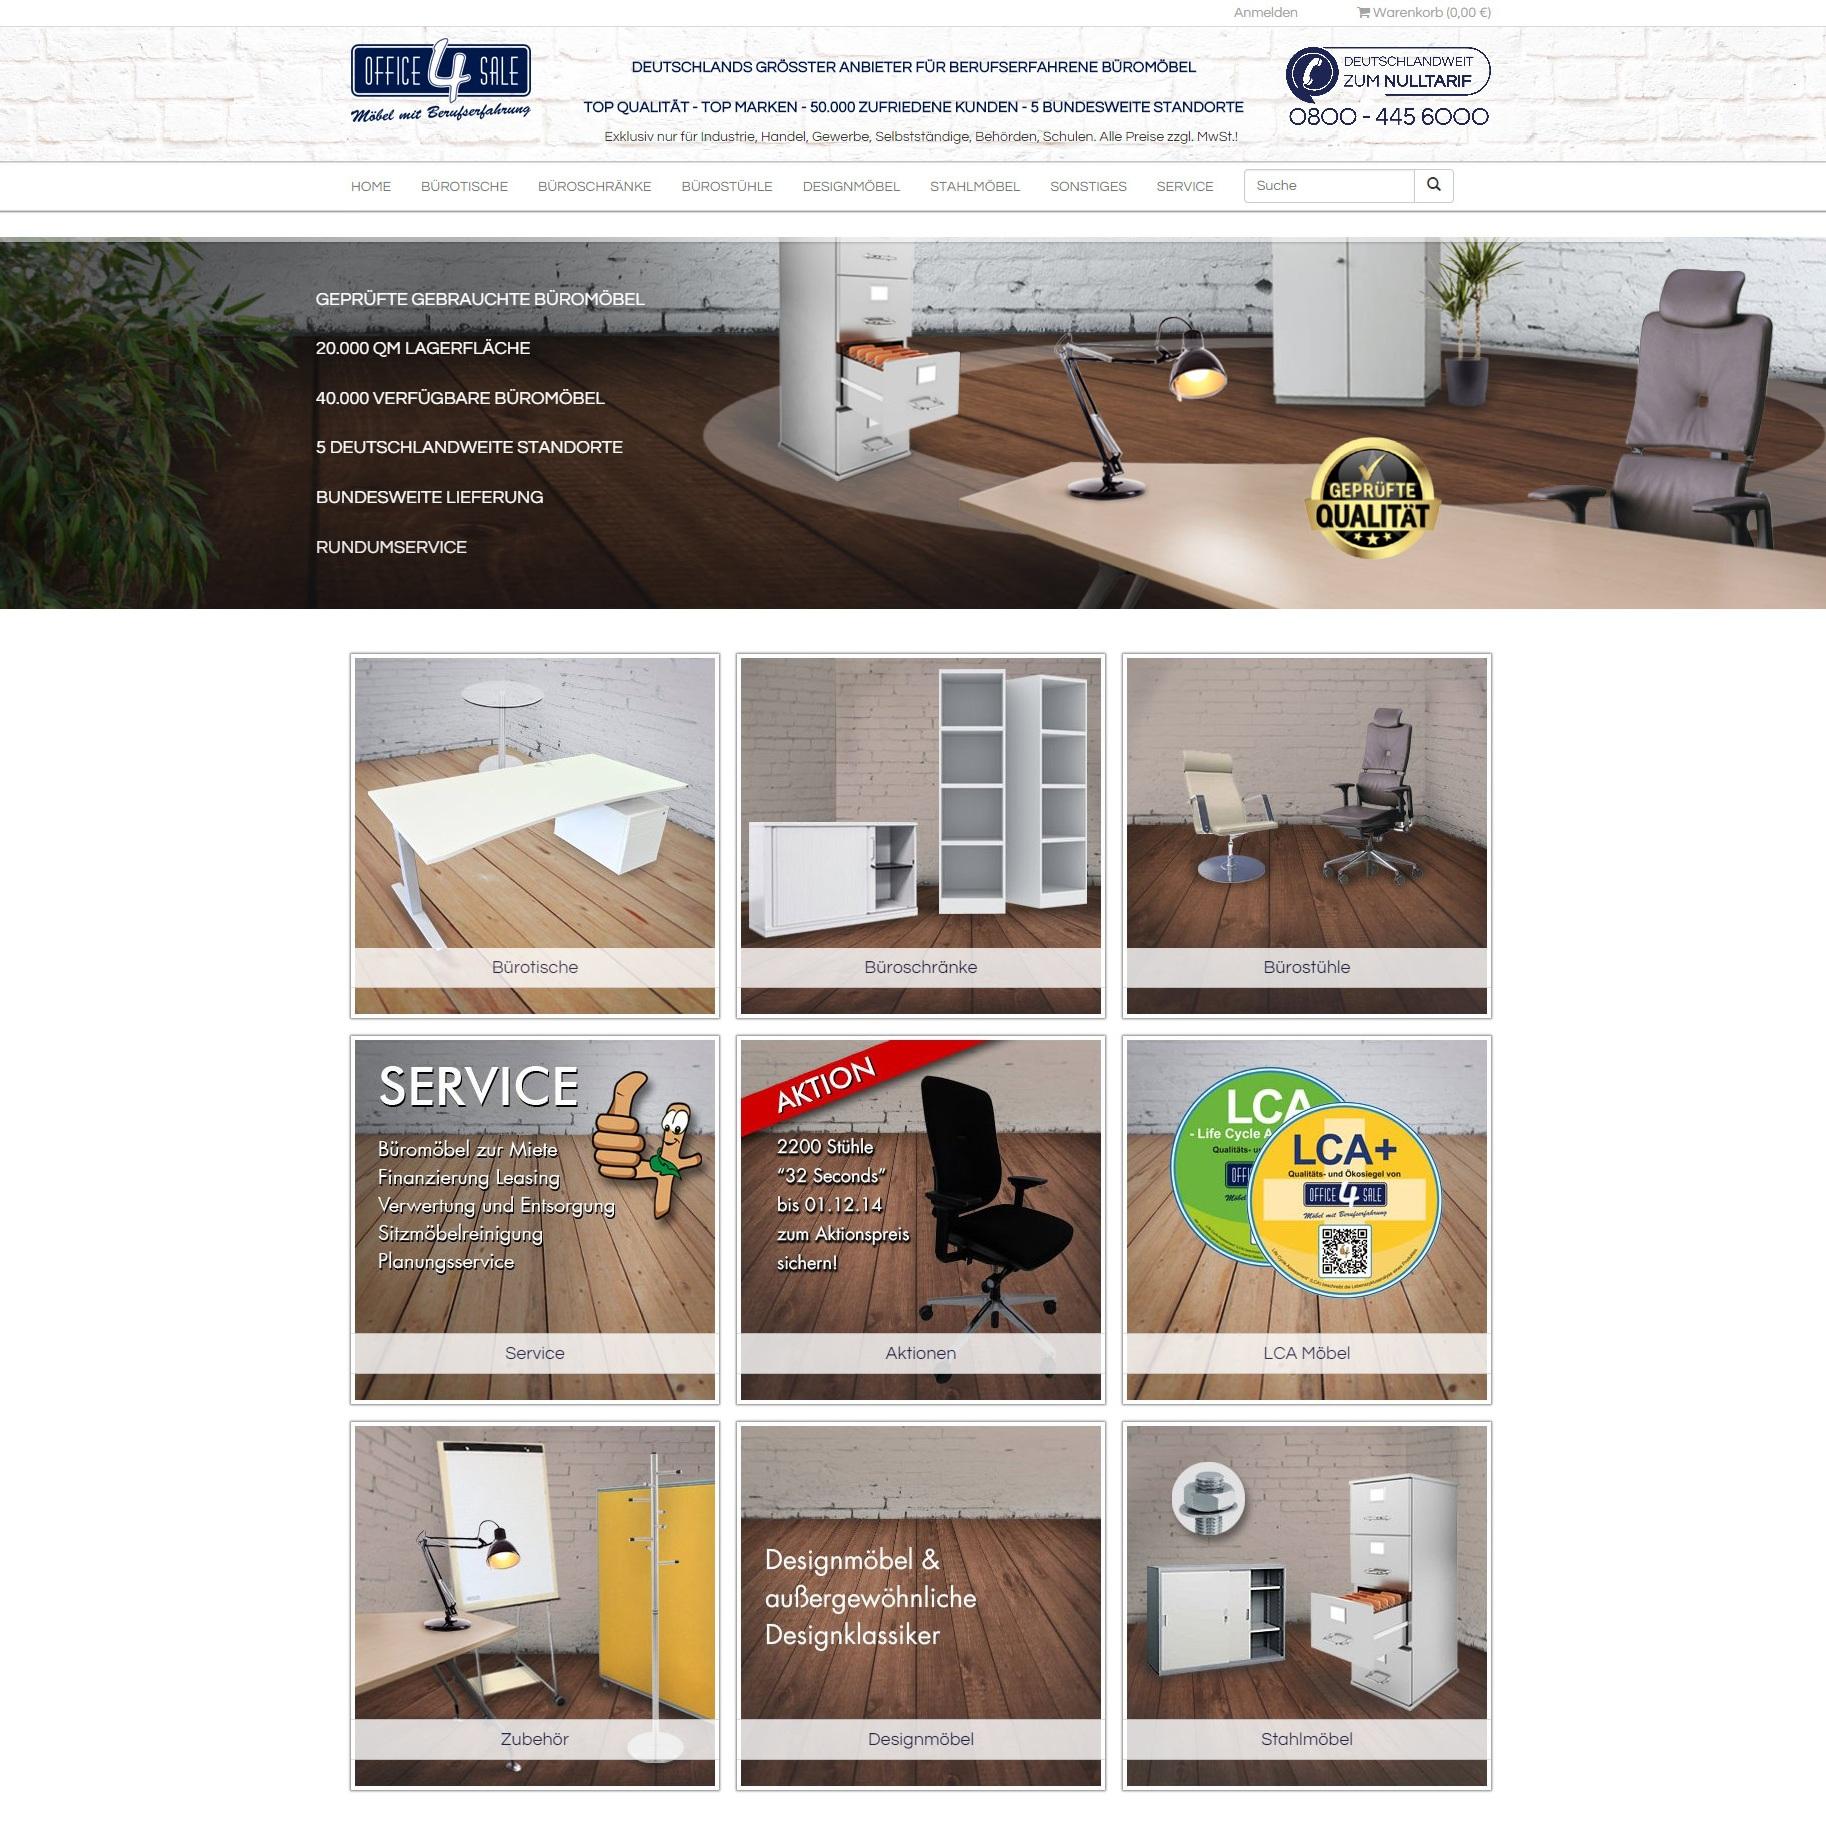 office-4-sale startet den Betrieb des neuen Webshops